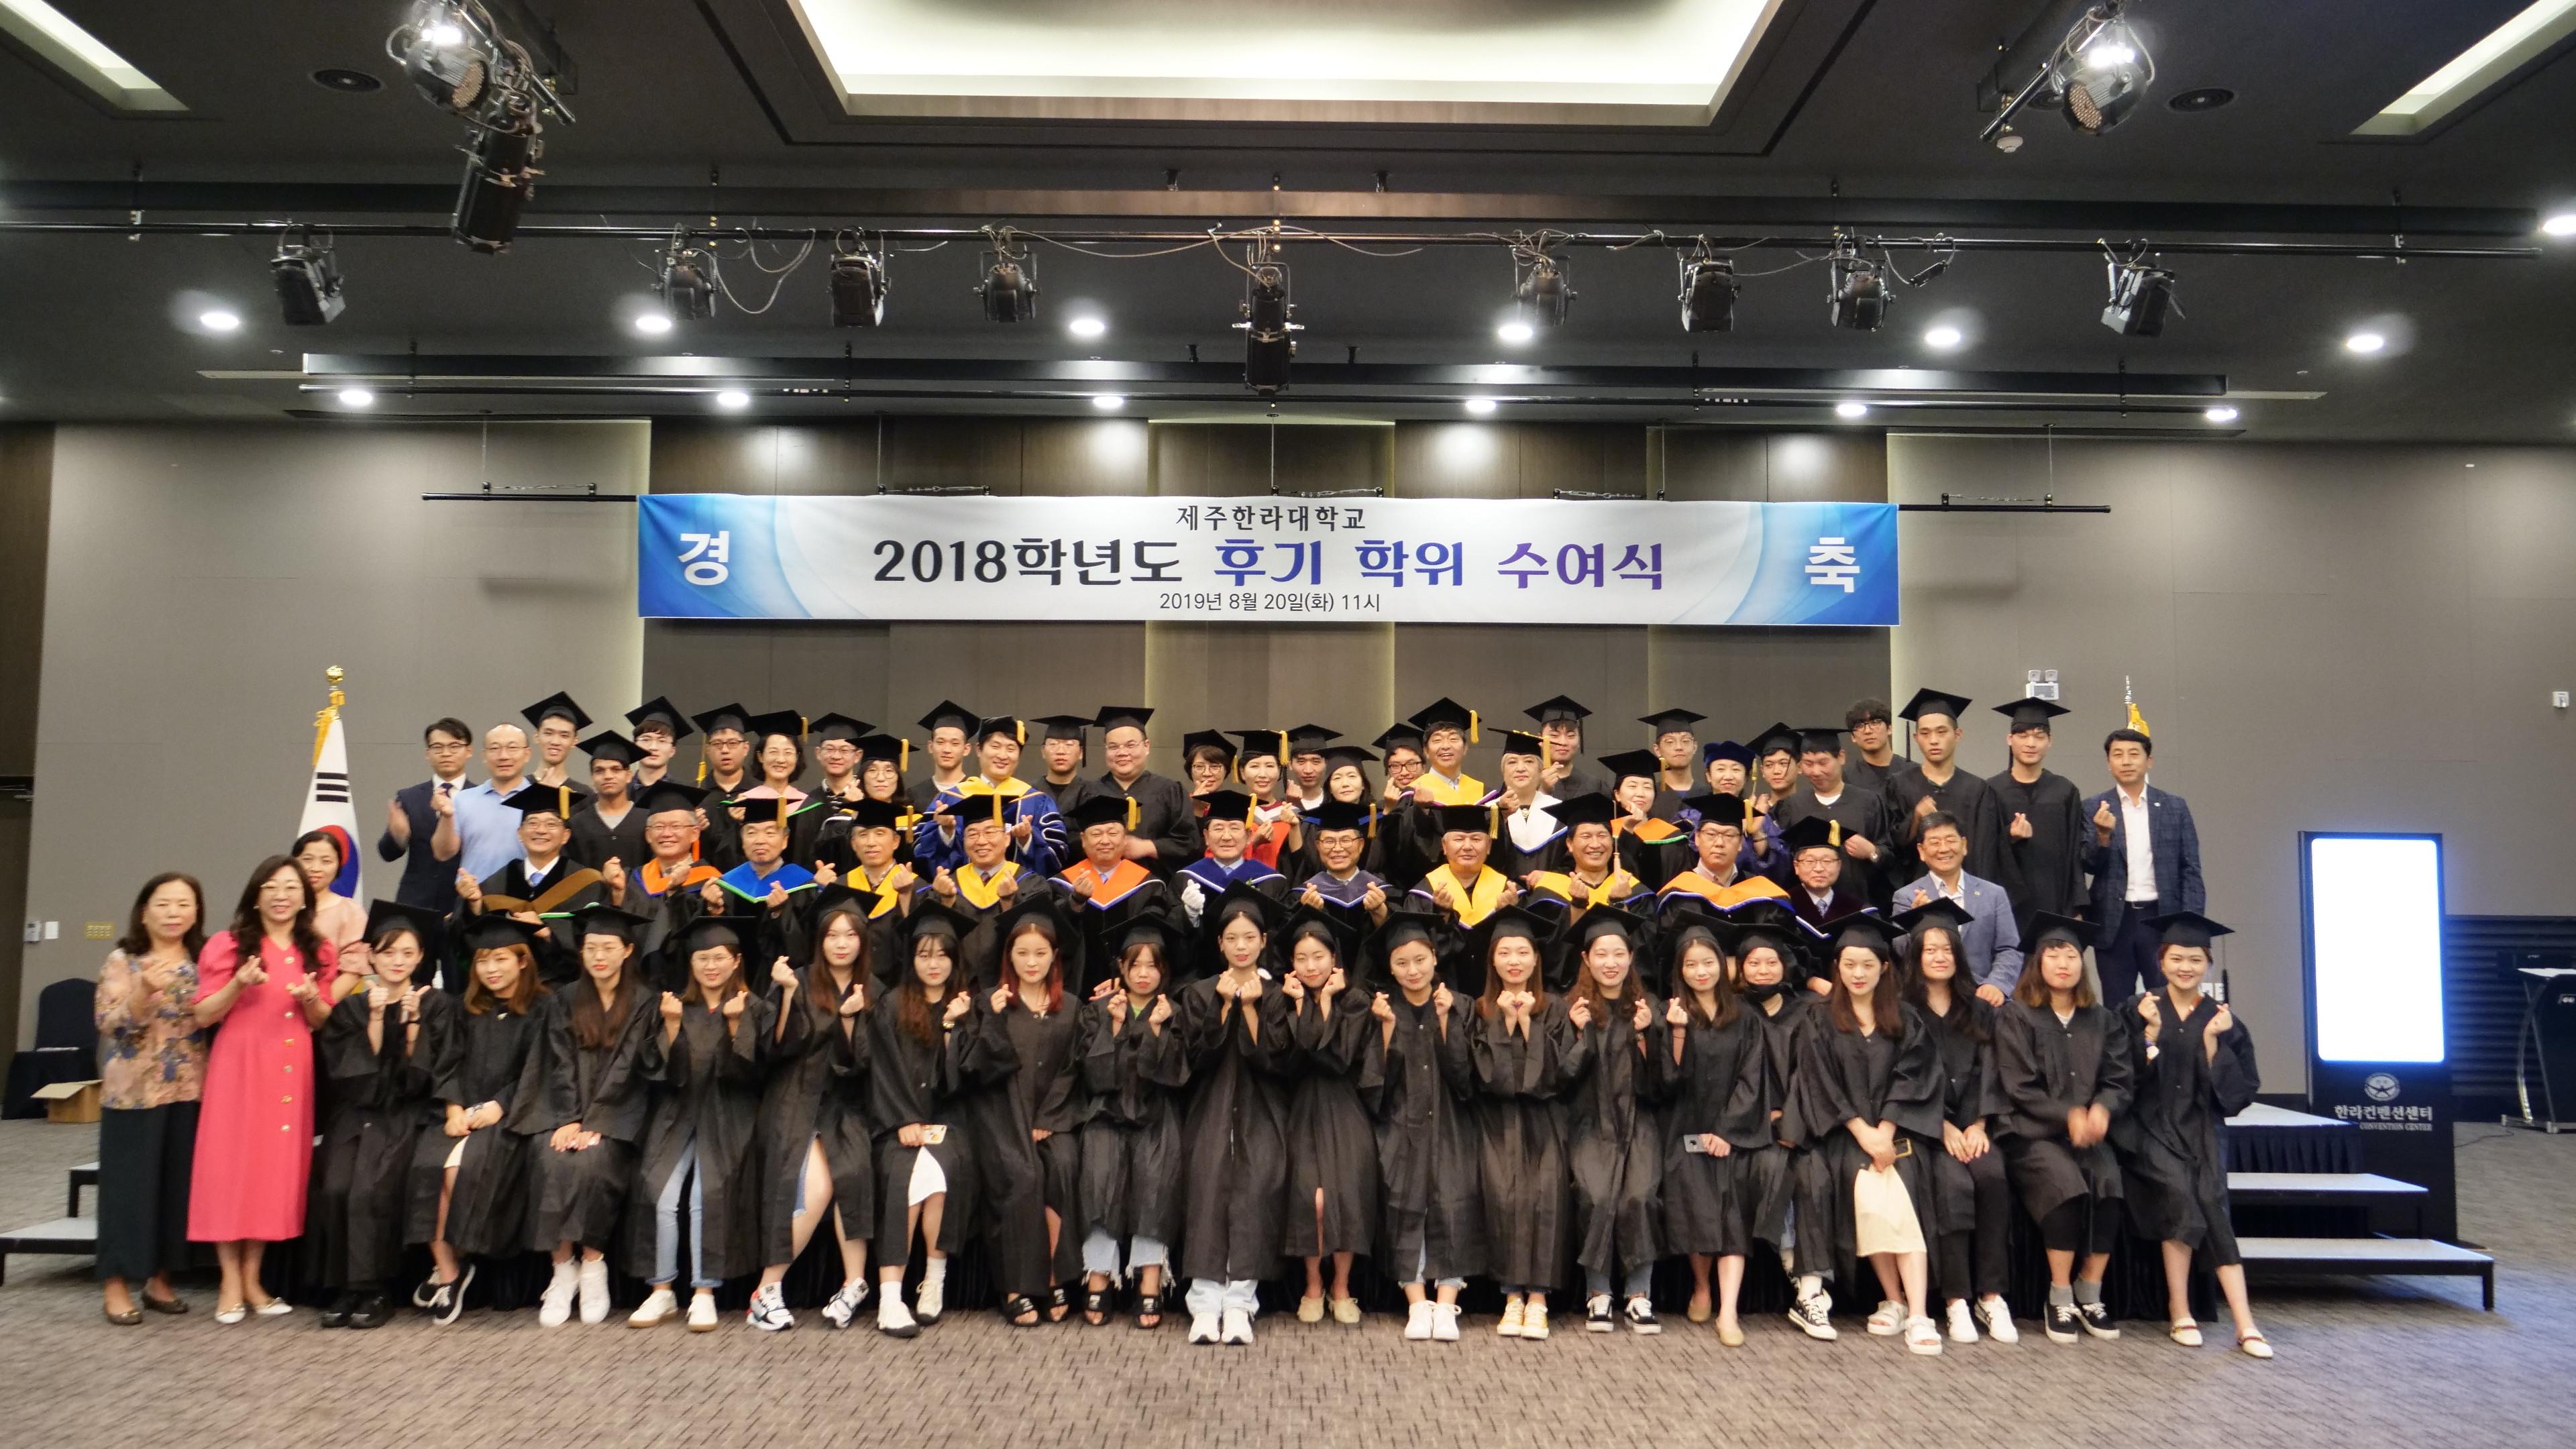 제주한라대학교 2018학년도 후기 학위수여식 개최2